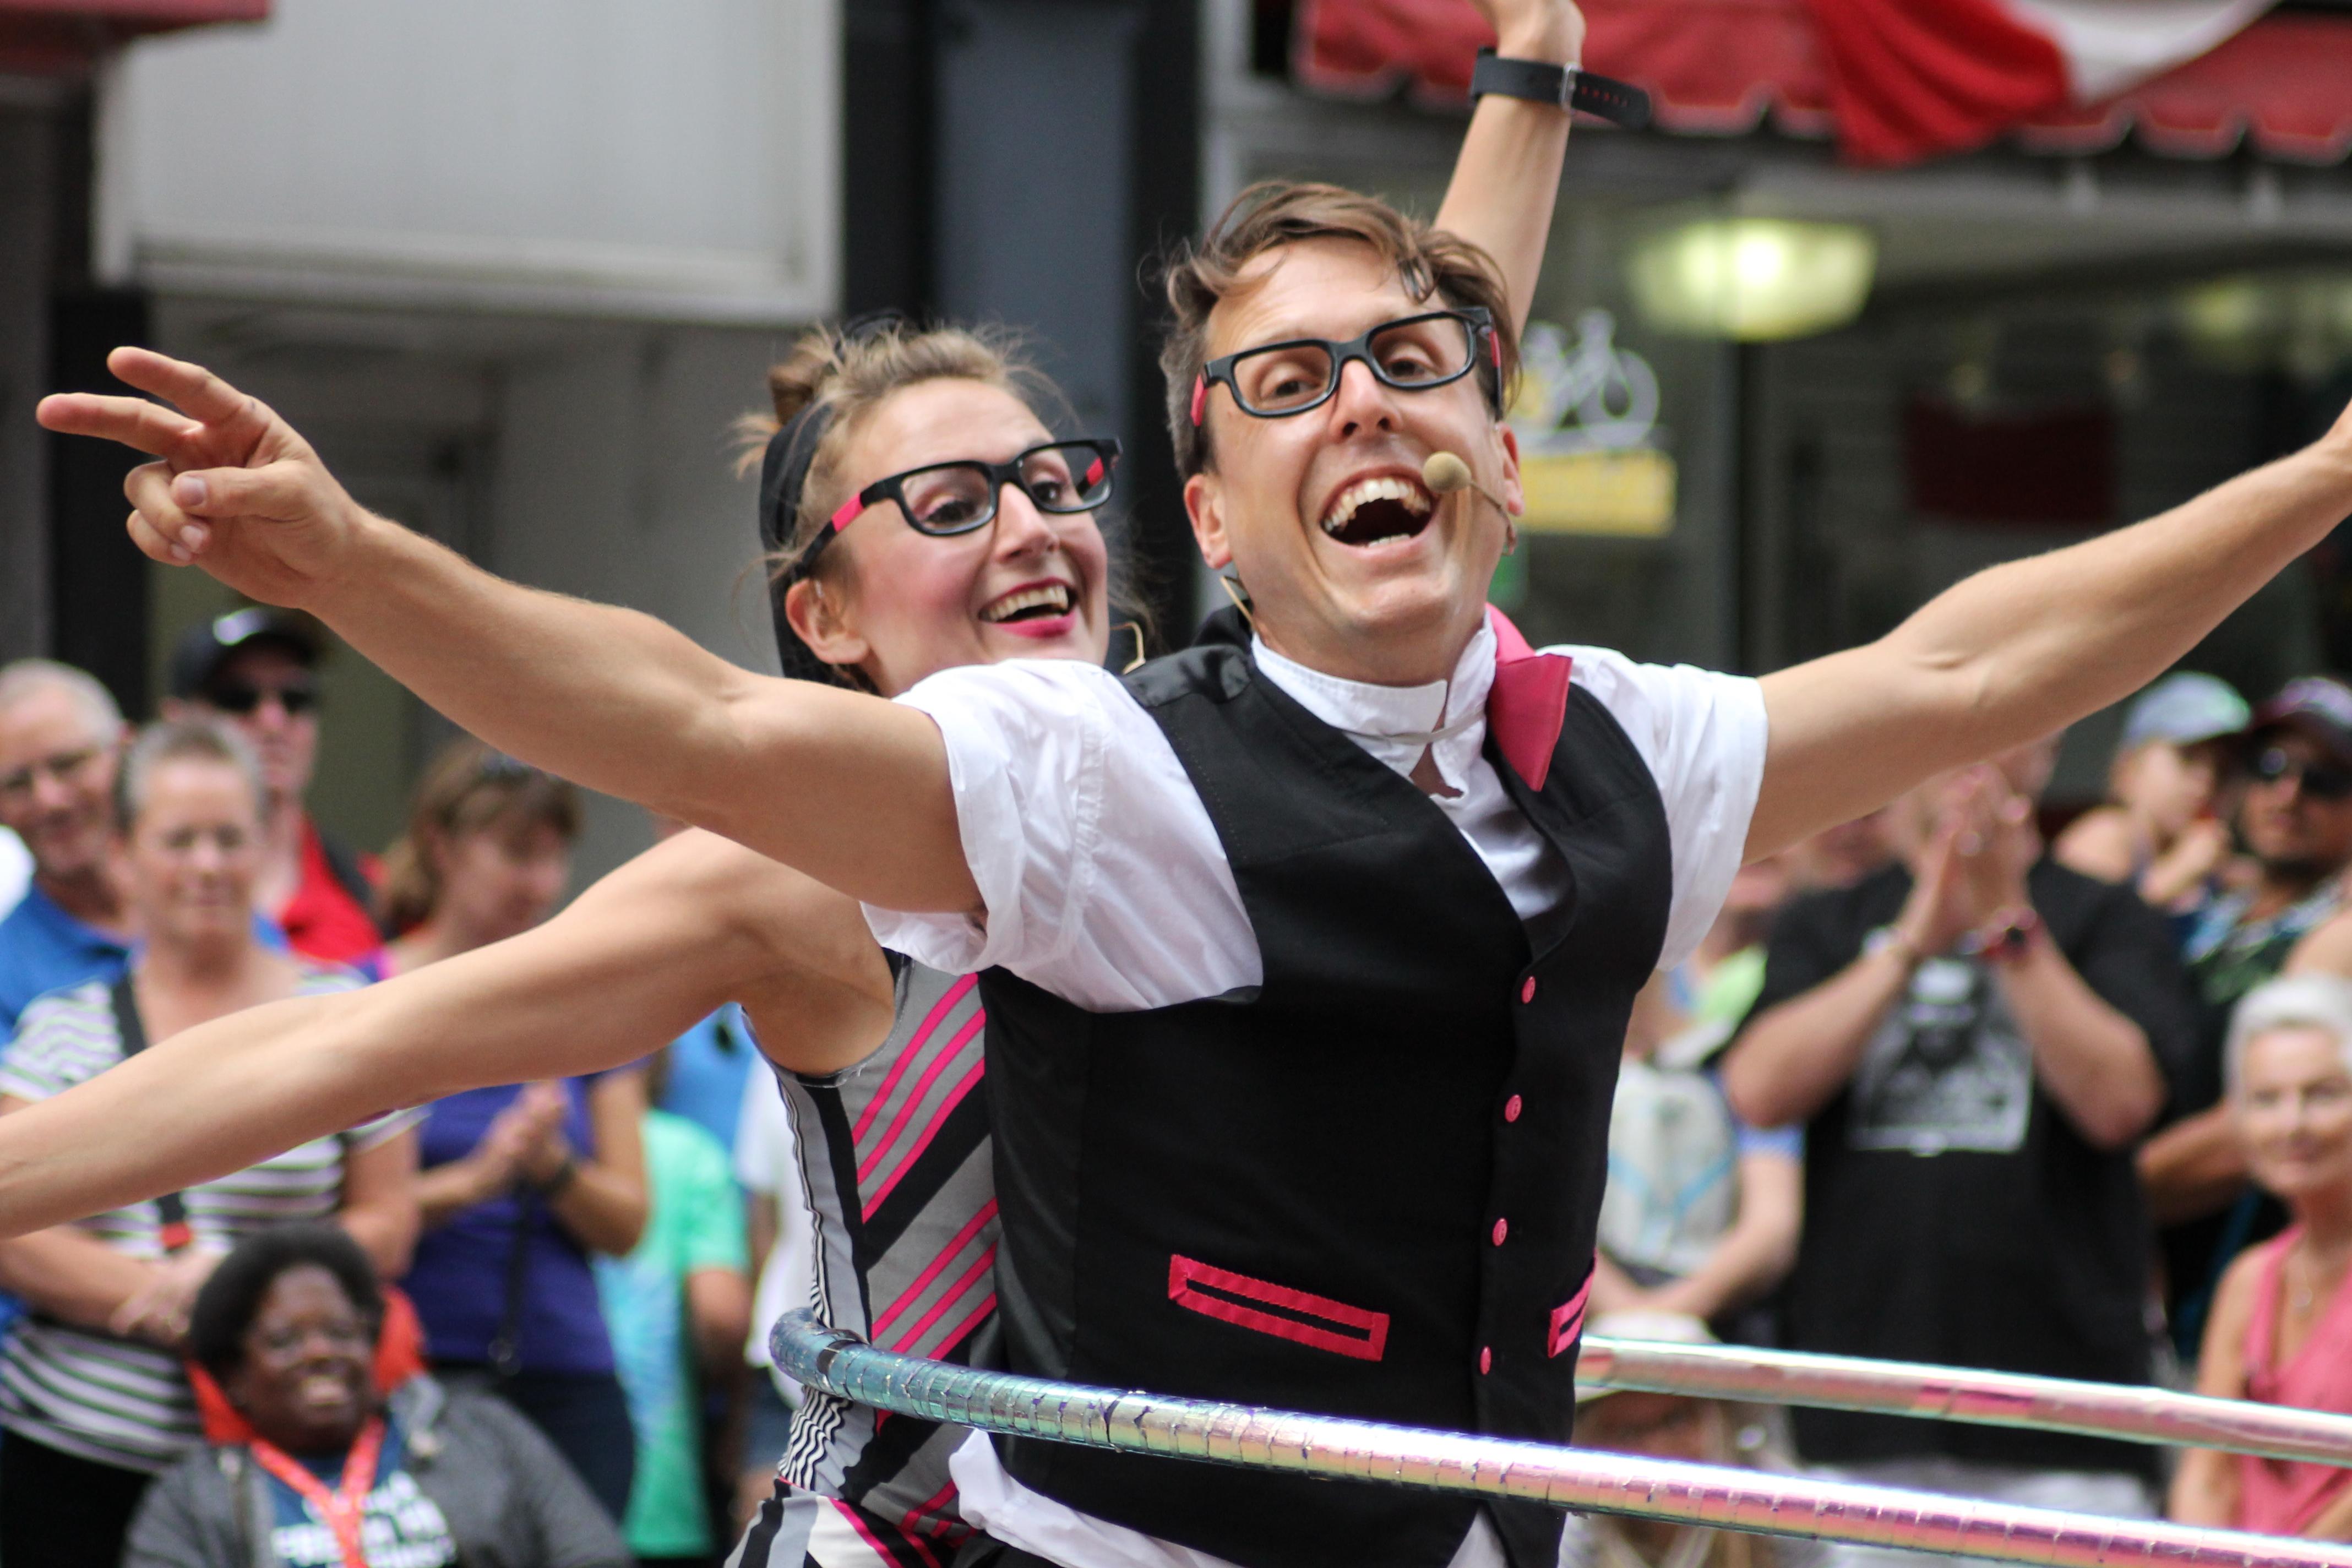 1-street duo hoops